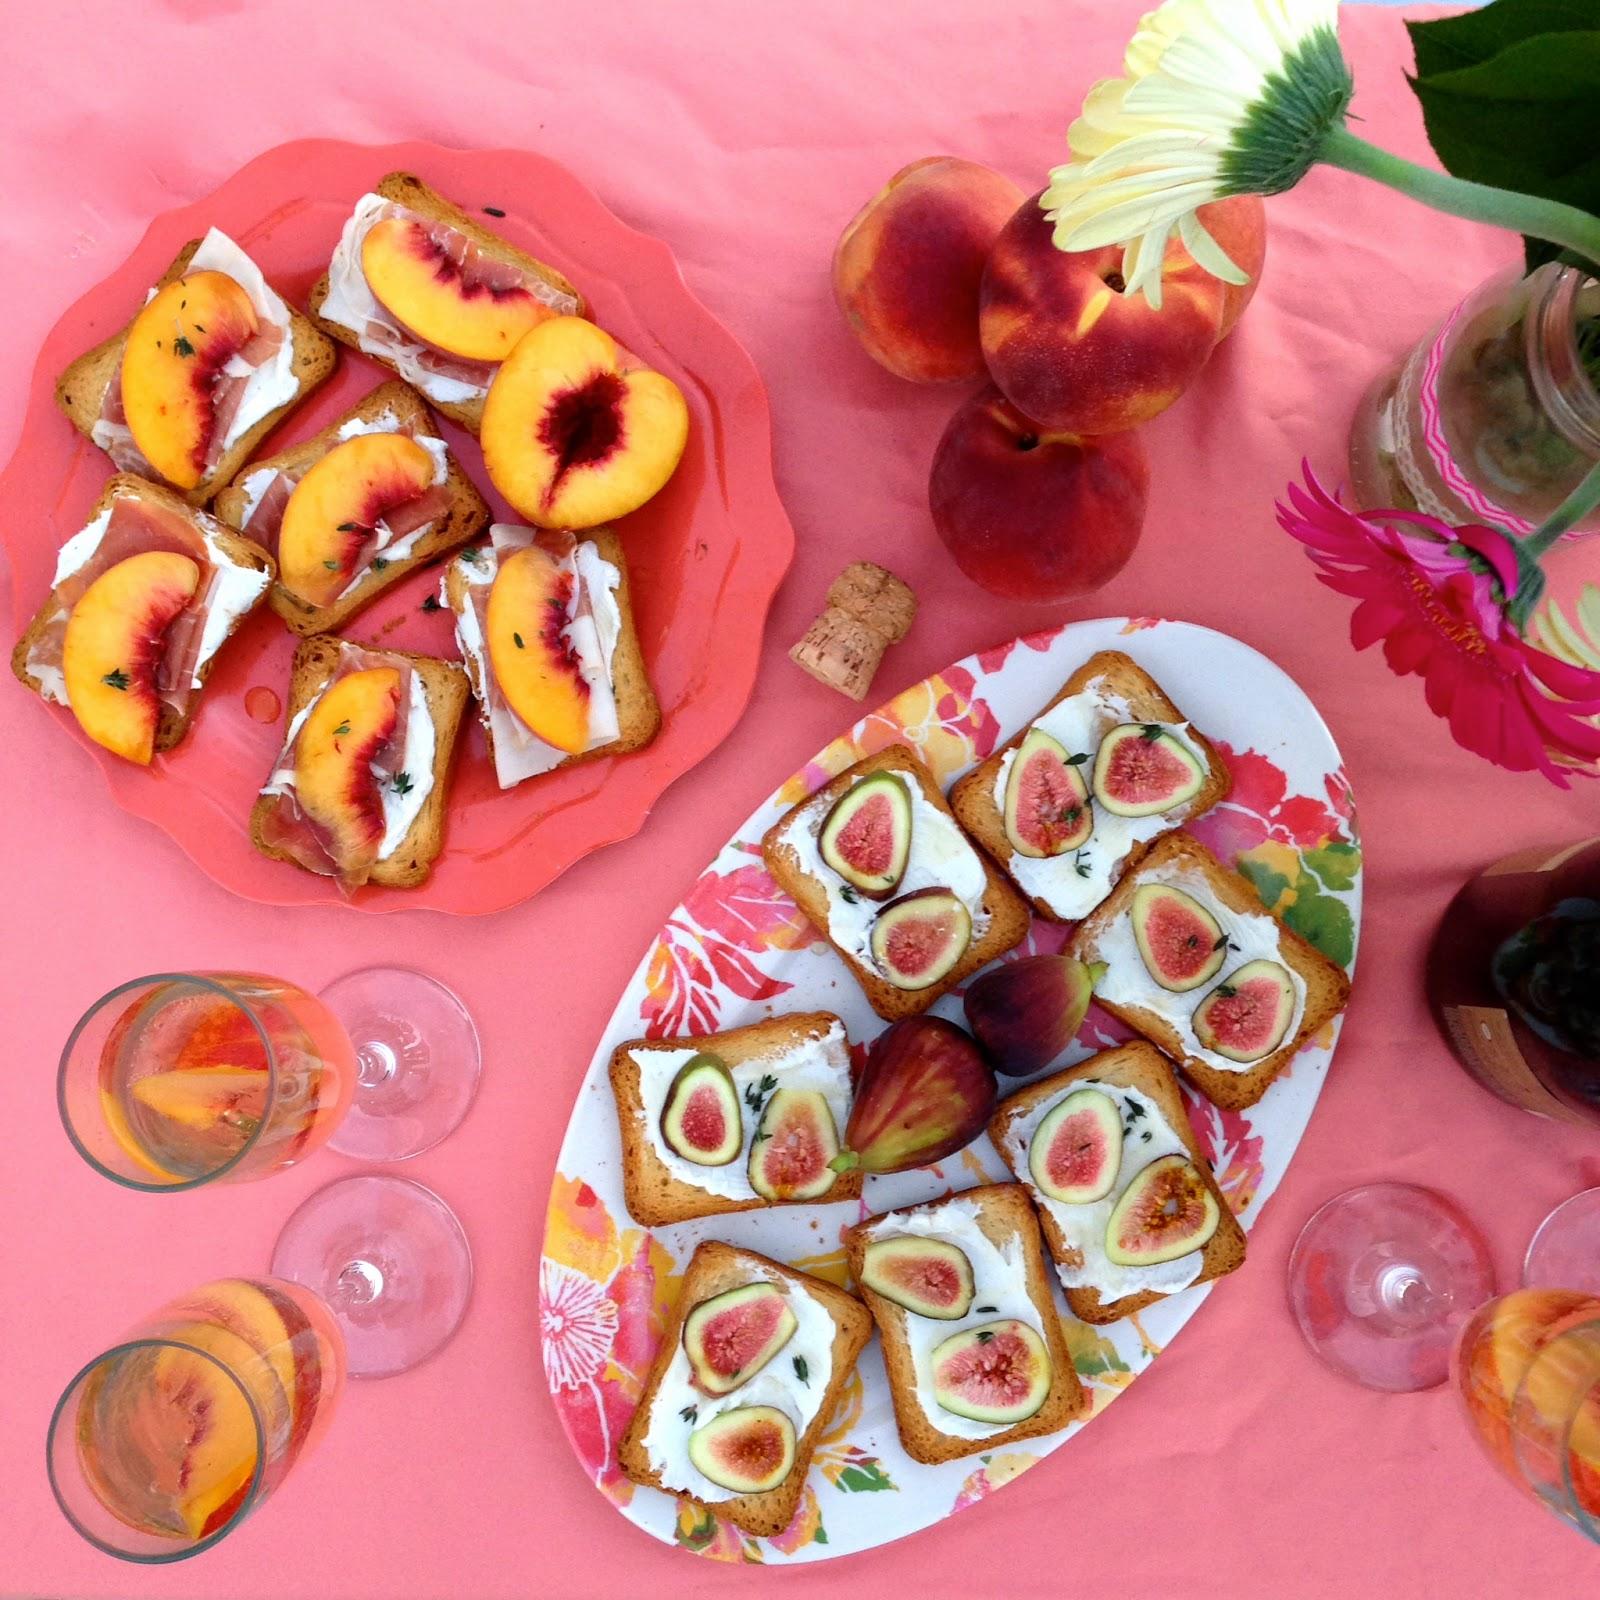 labor day picnic, smirnoff vodka, peach crostini, brunch idea